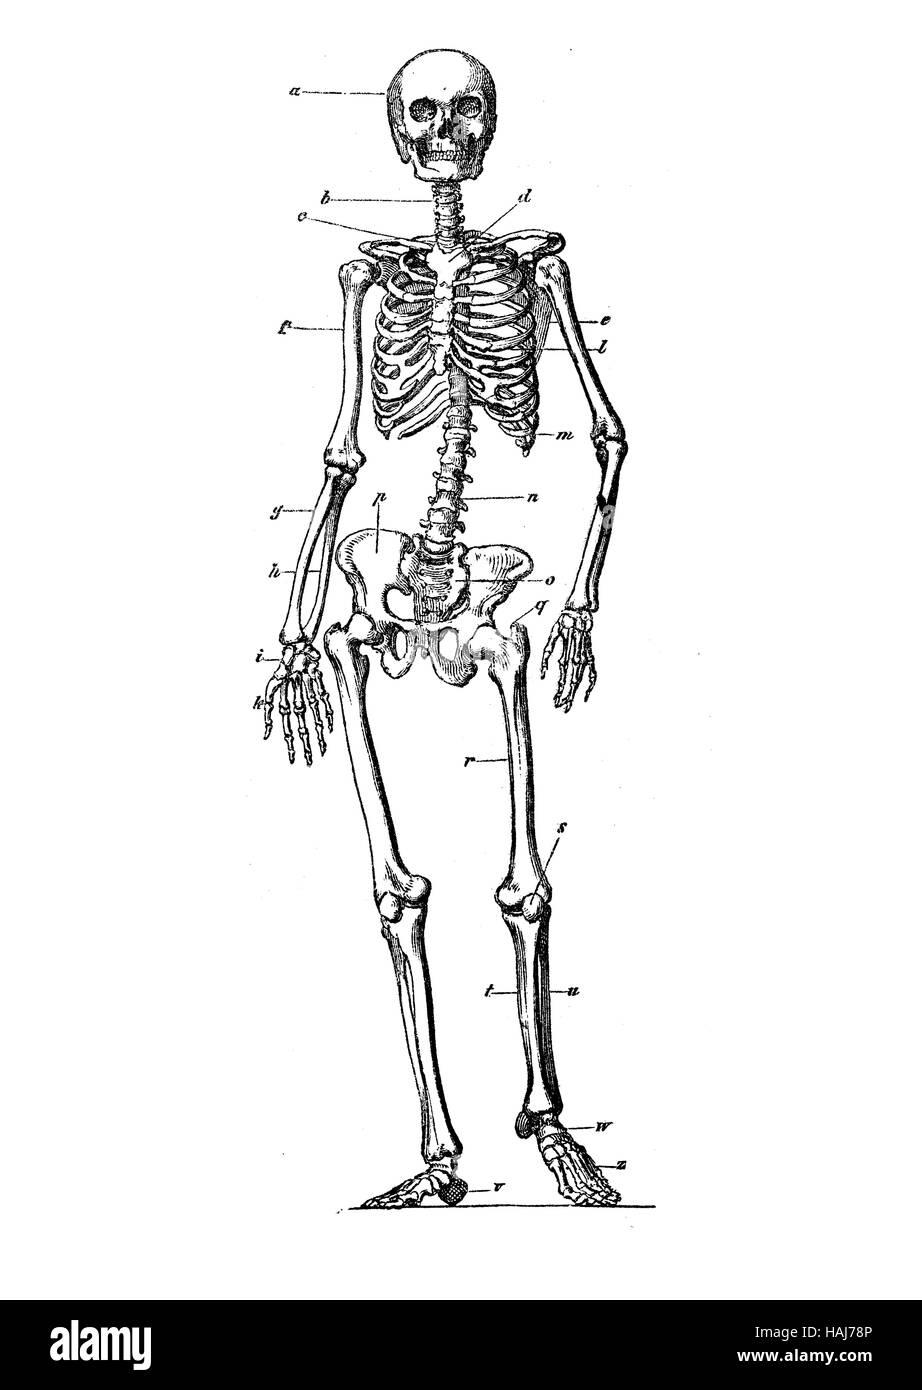 Human skeleton standing anatomy, engraving XIX century - Stock Image